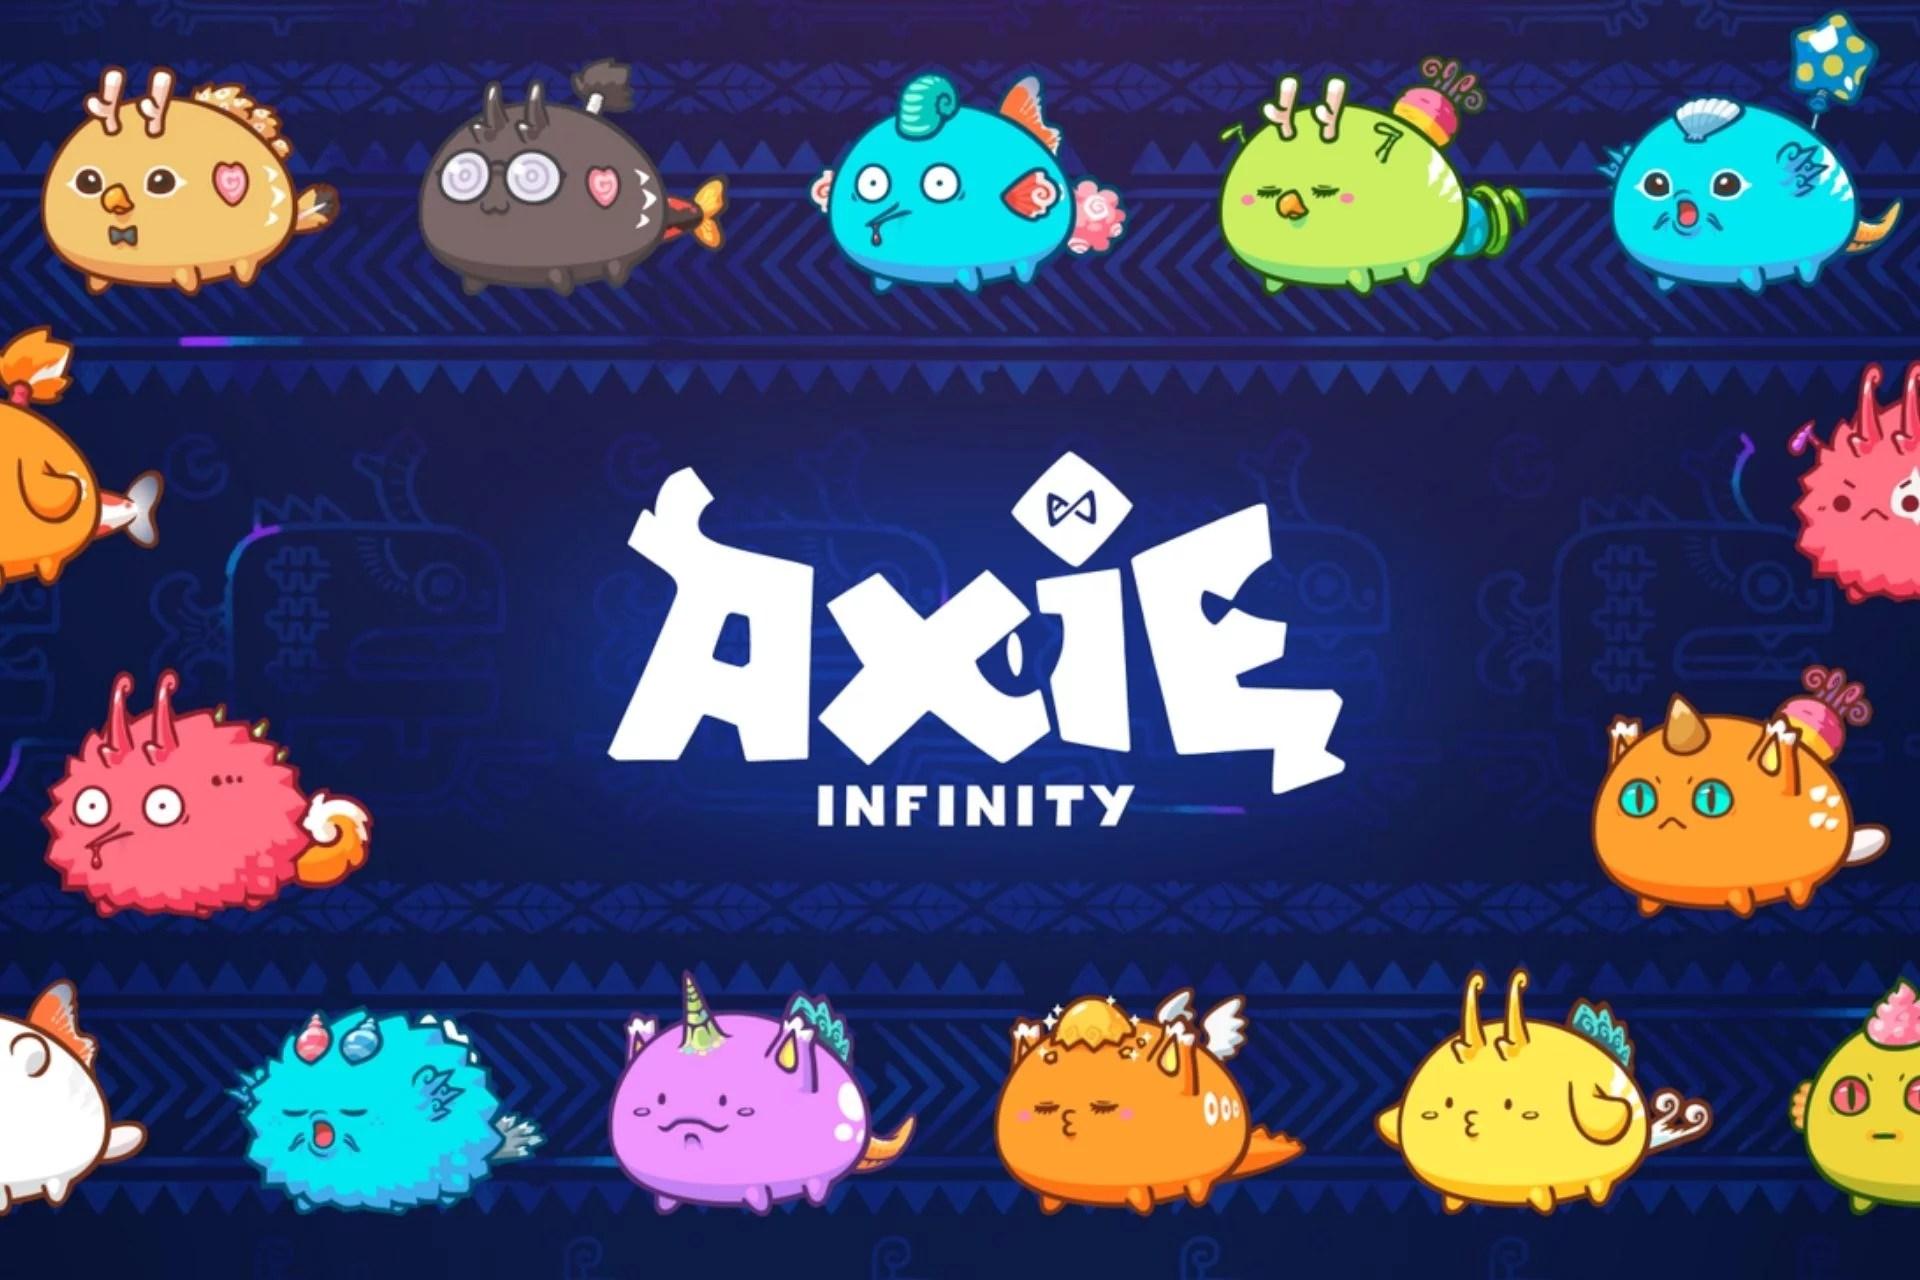 Axie Infinity sobrepasa los 2 mil millones de dólares en ventas de sus NFT y los 1.5 millones de jugadores activos diarios